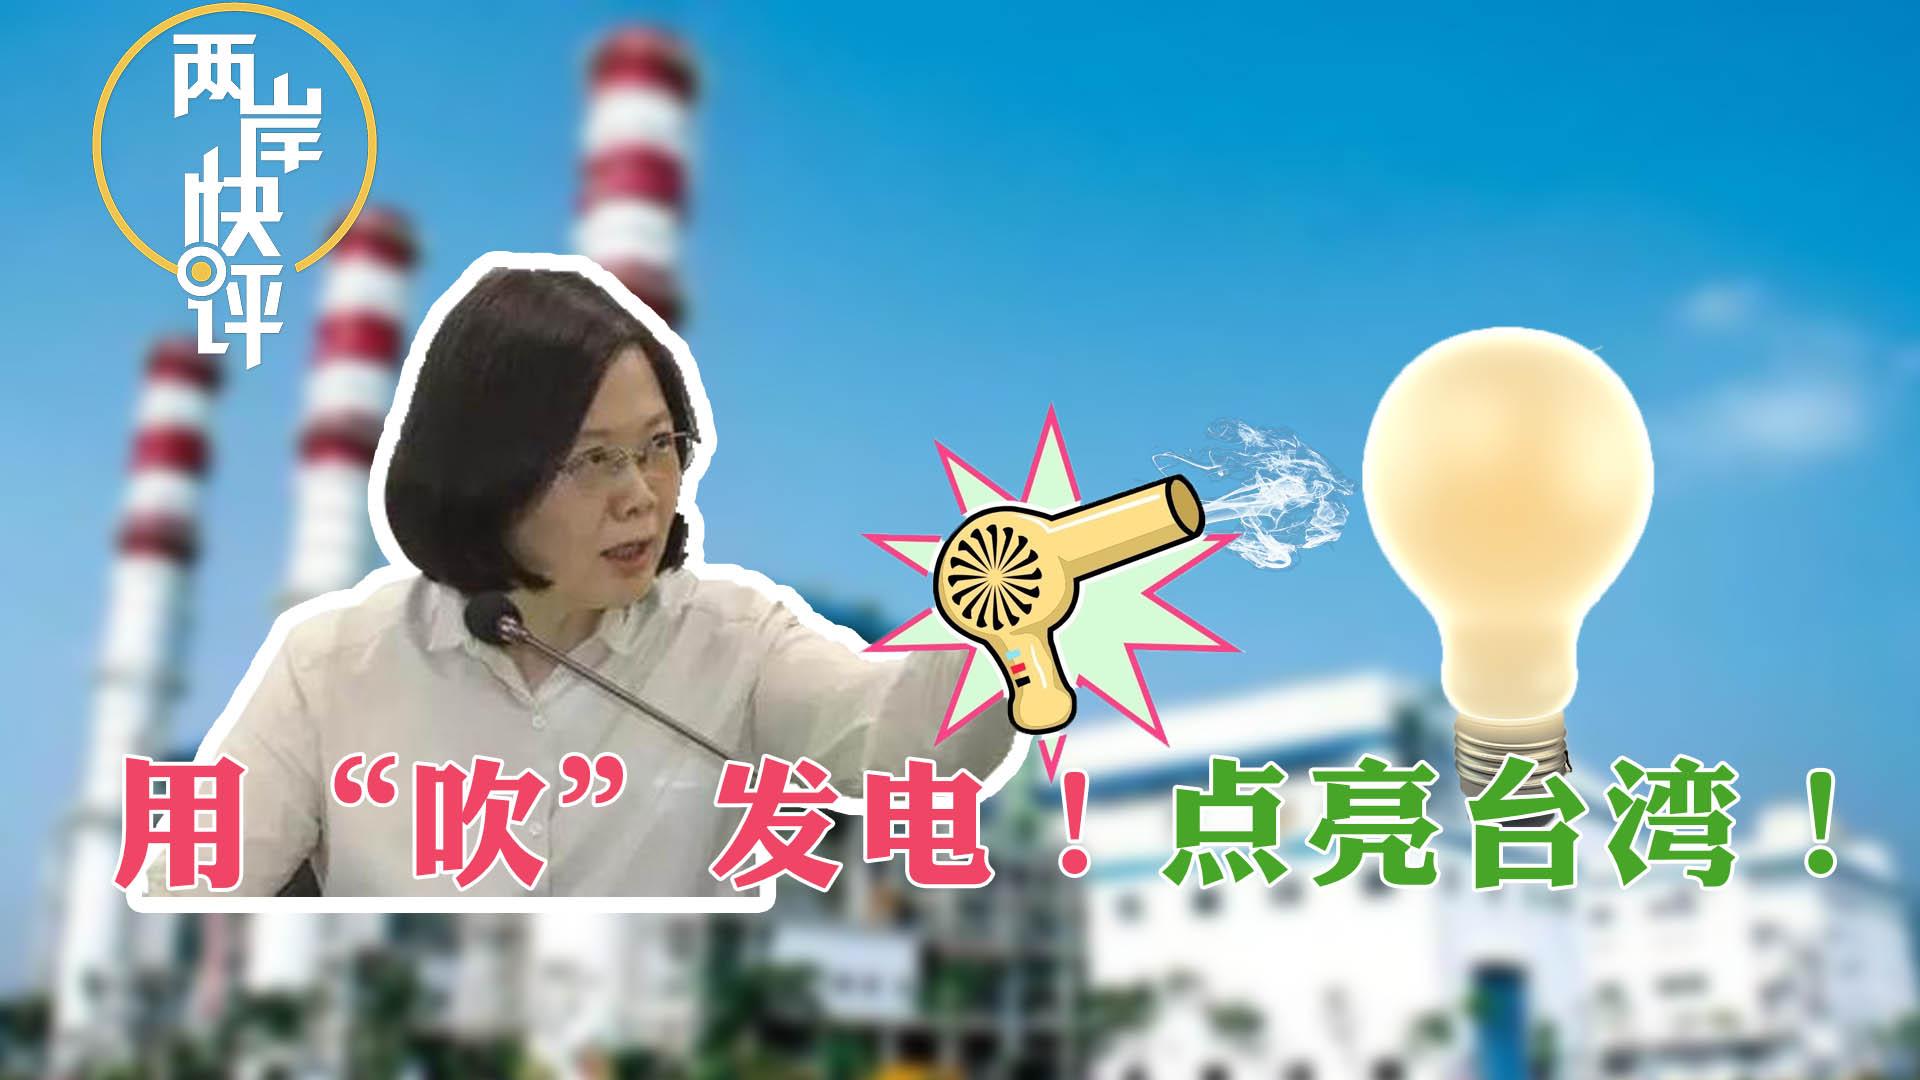 看蔡英文如何点亮台湾,拉虎皮扯大旗.jpg